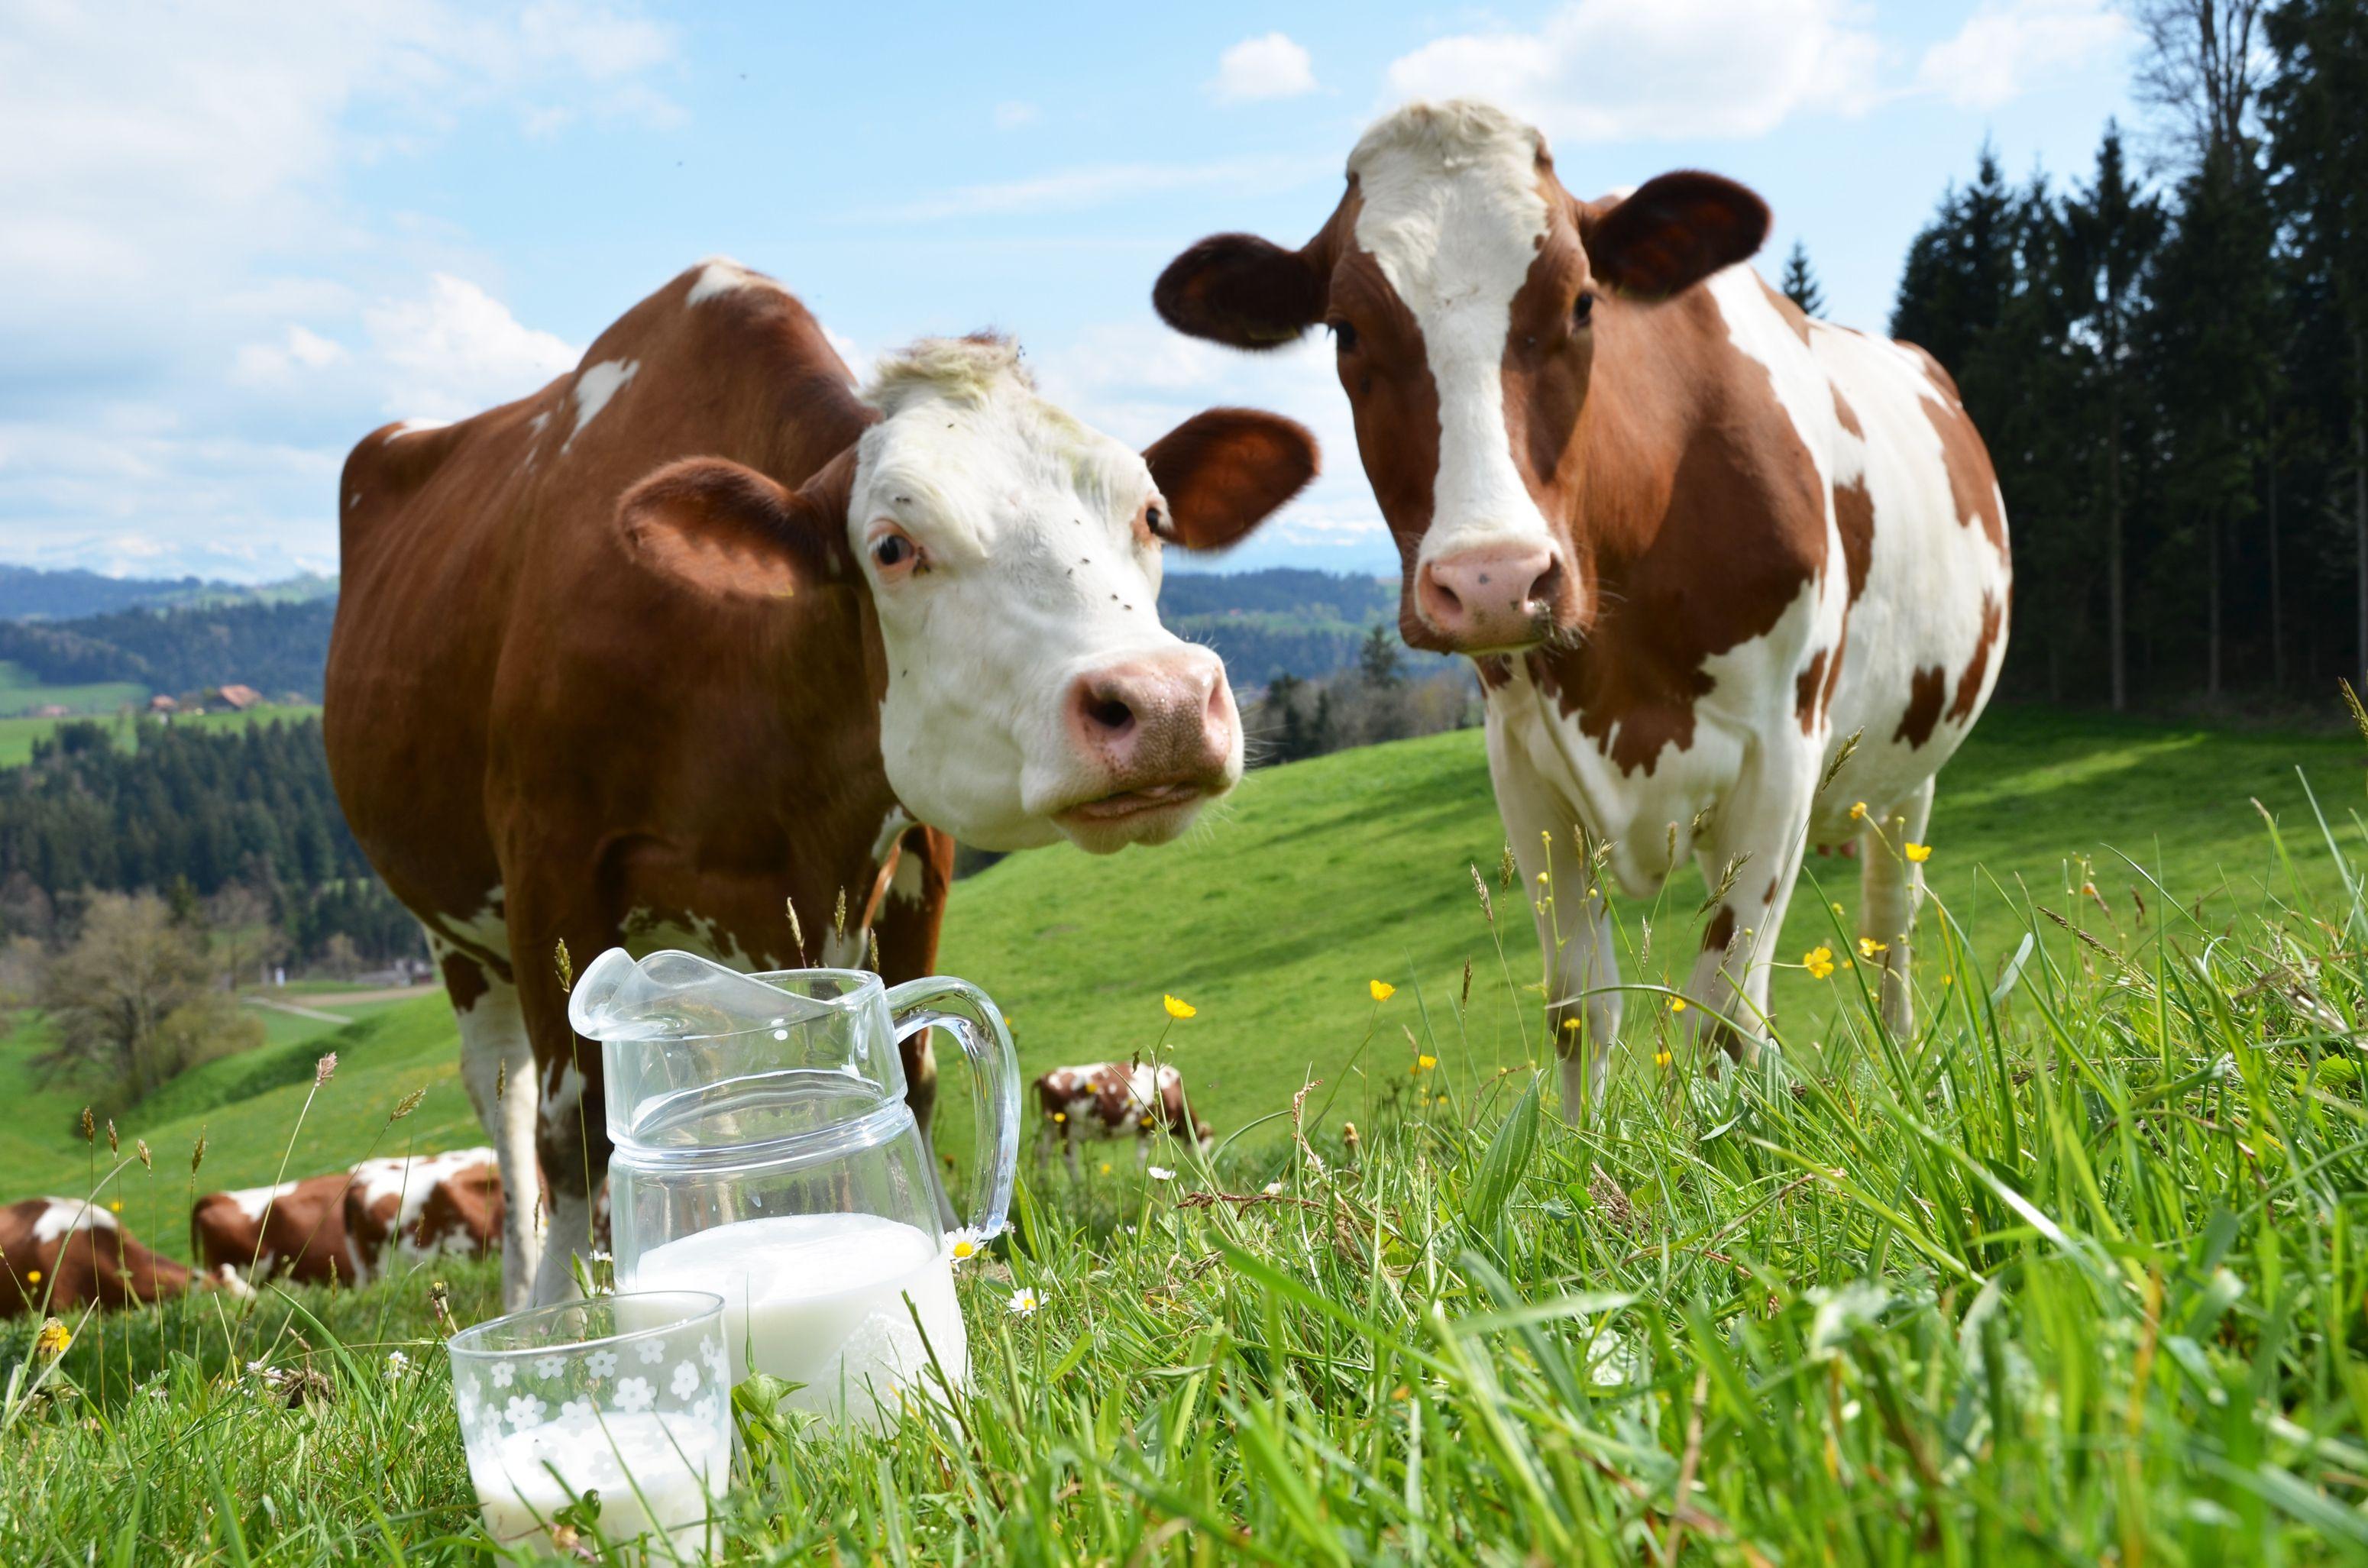 Rodištěm oblíbeného sýru je údolí Emmental, kterým protéká řeka Emme, východně od švýcarského Bernu.